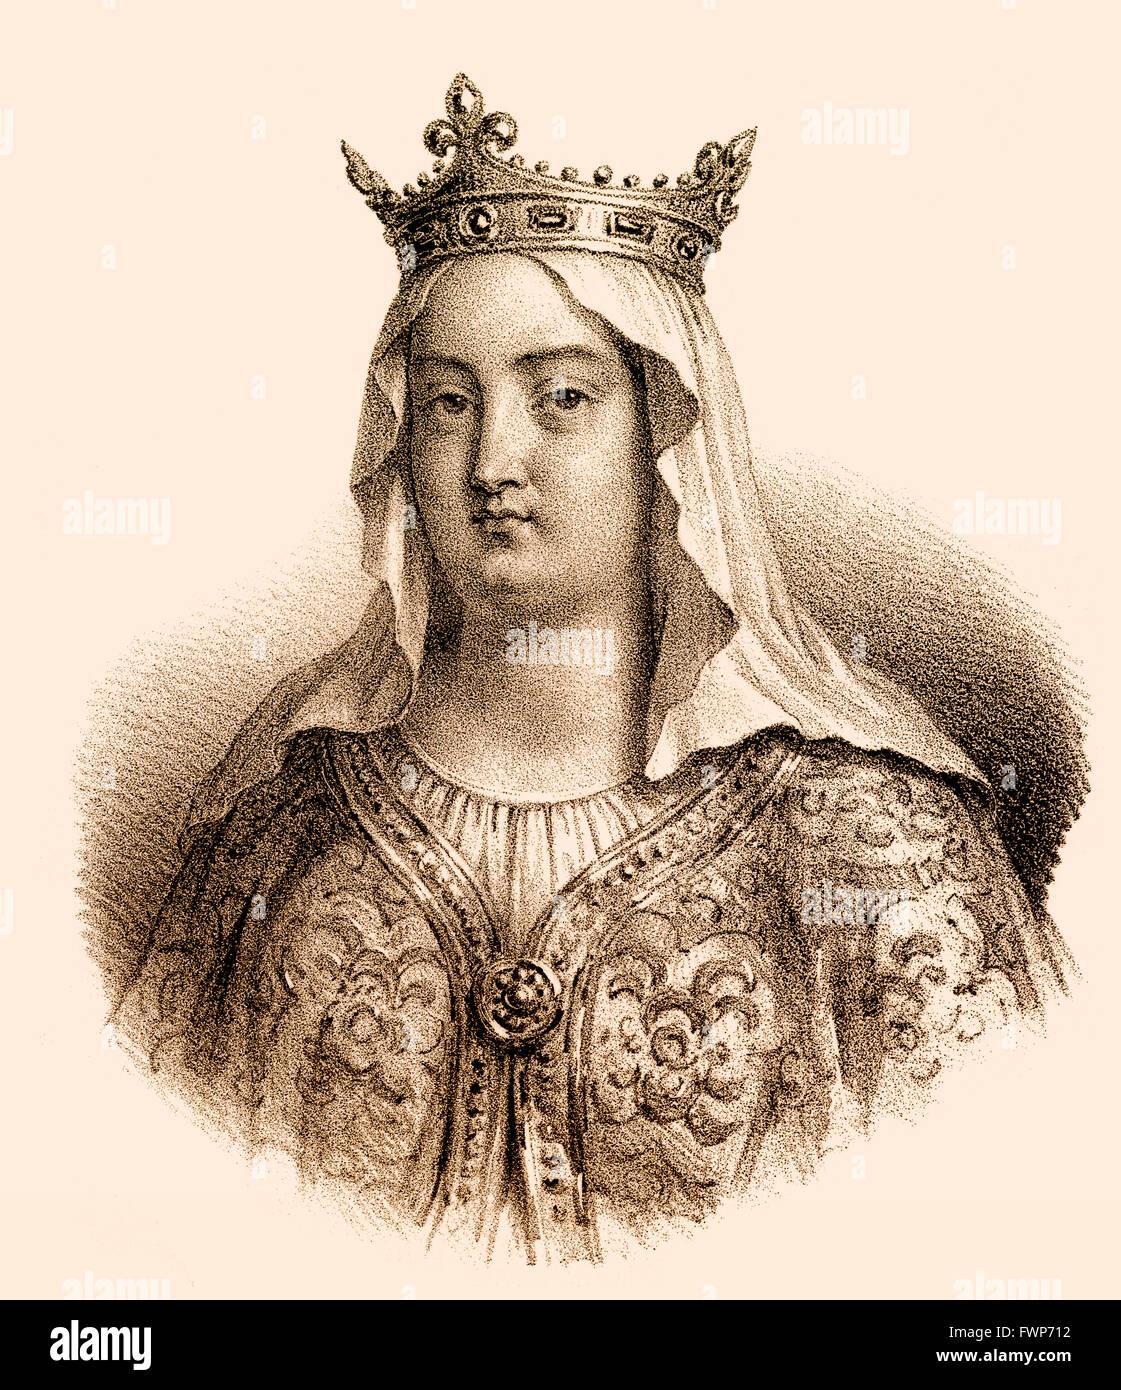 Fredegund Fredegunda Fredegunde,,,,, Frédégonde Fredegundis c. 545-597, la Reine consort de Chilpéric Ier, je l'époque mérovingienne Franki Banque D'Images